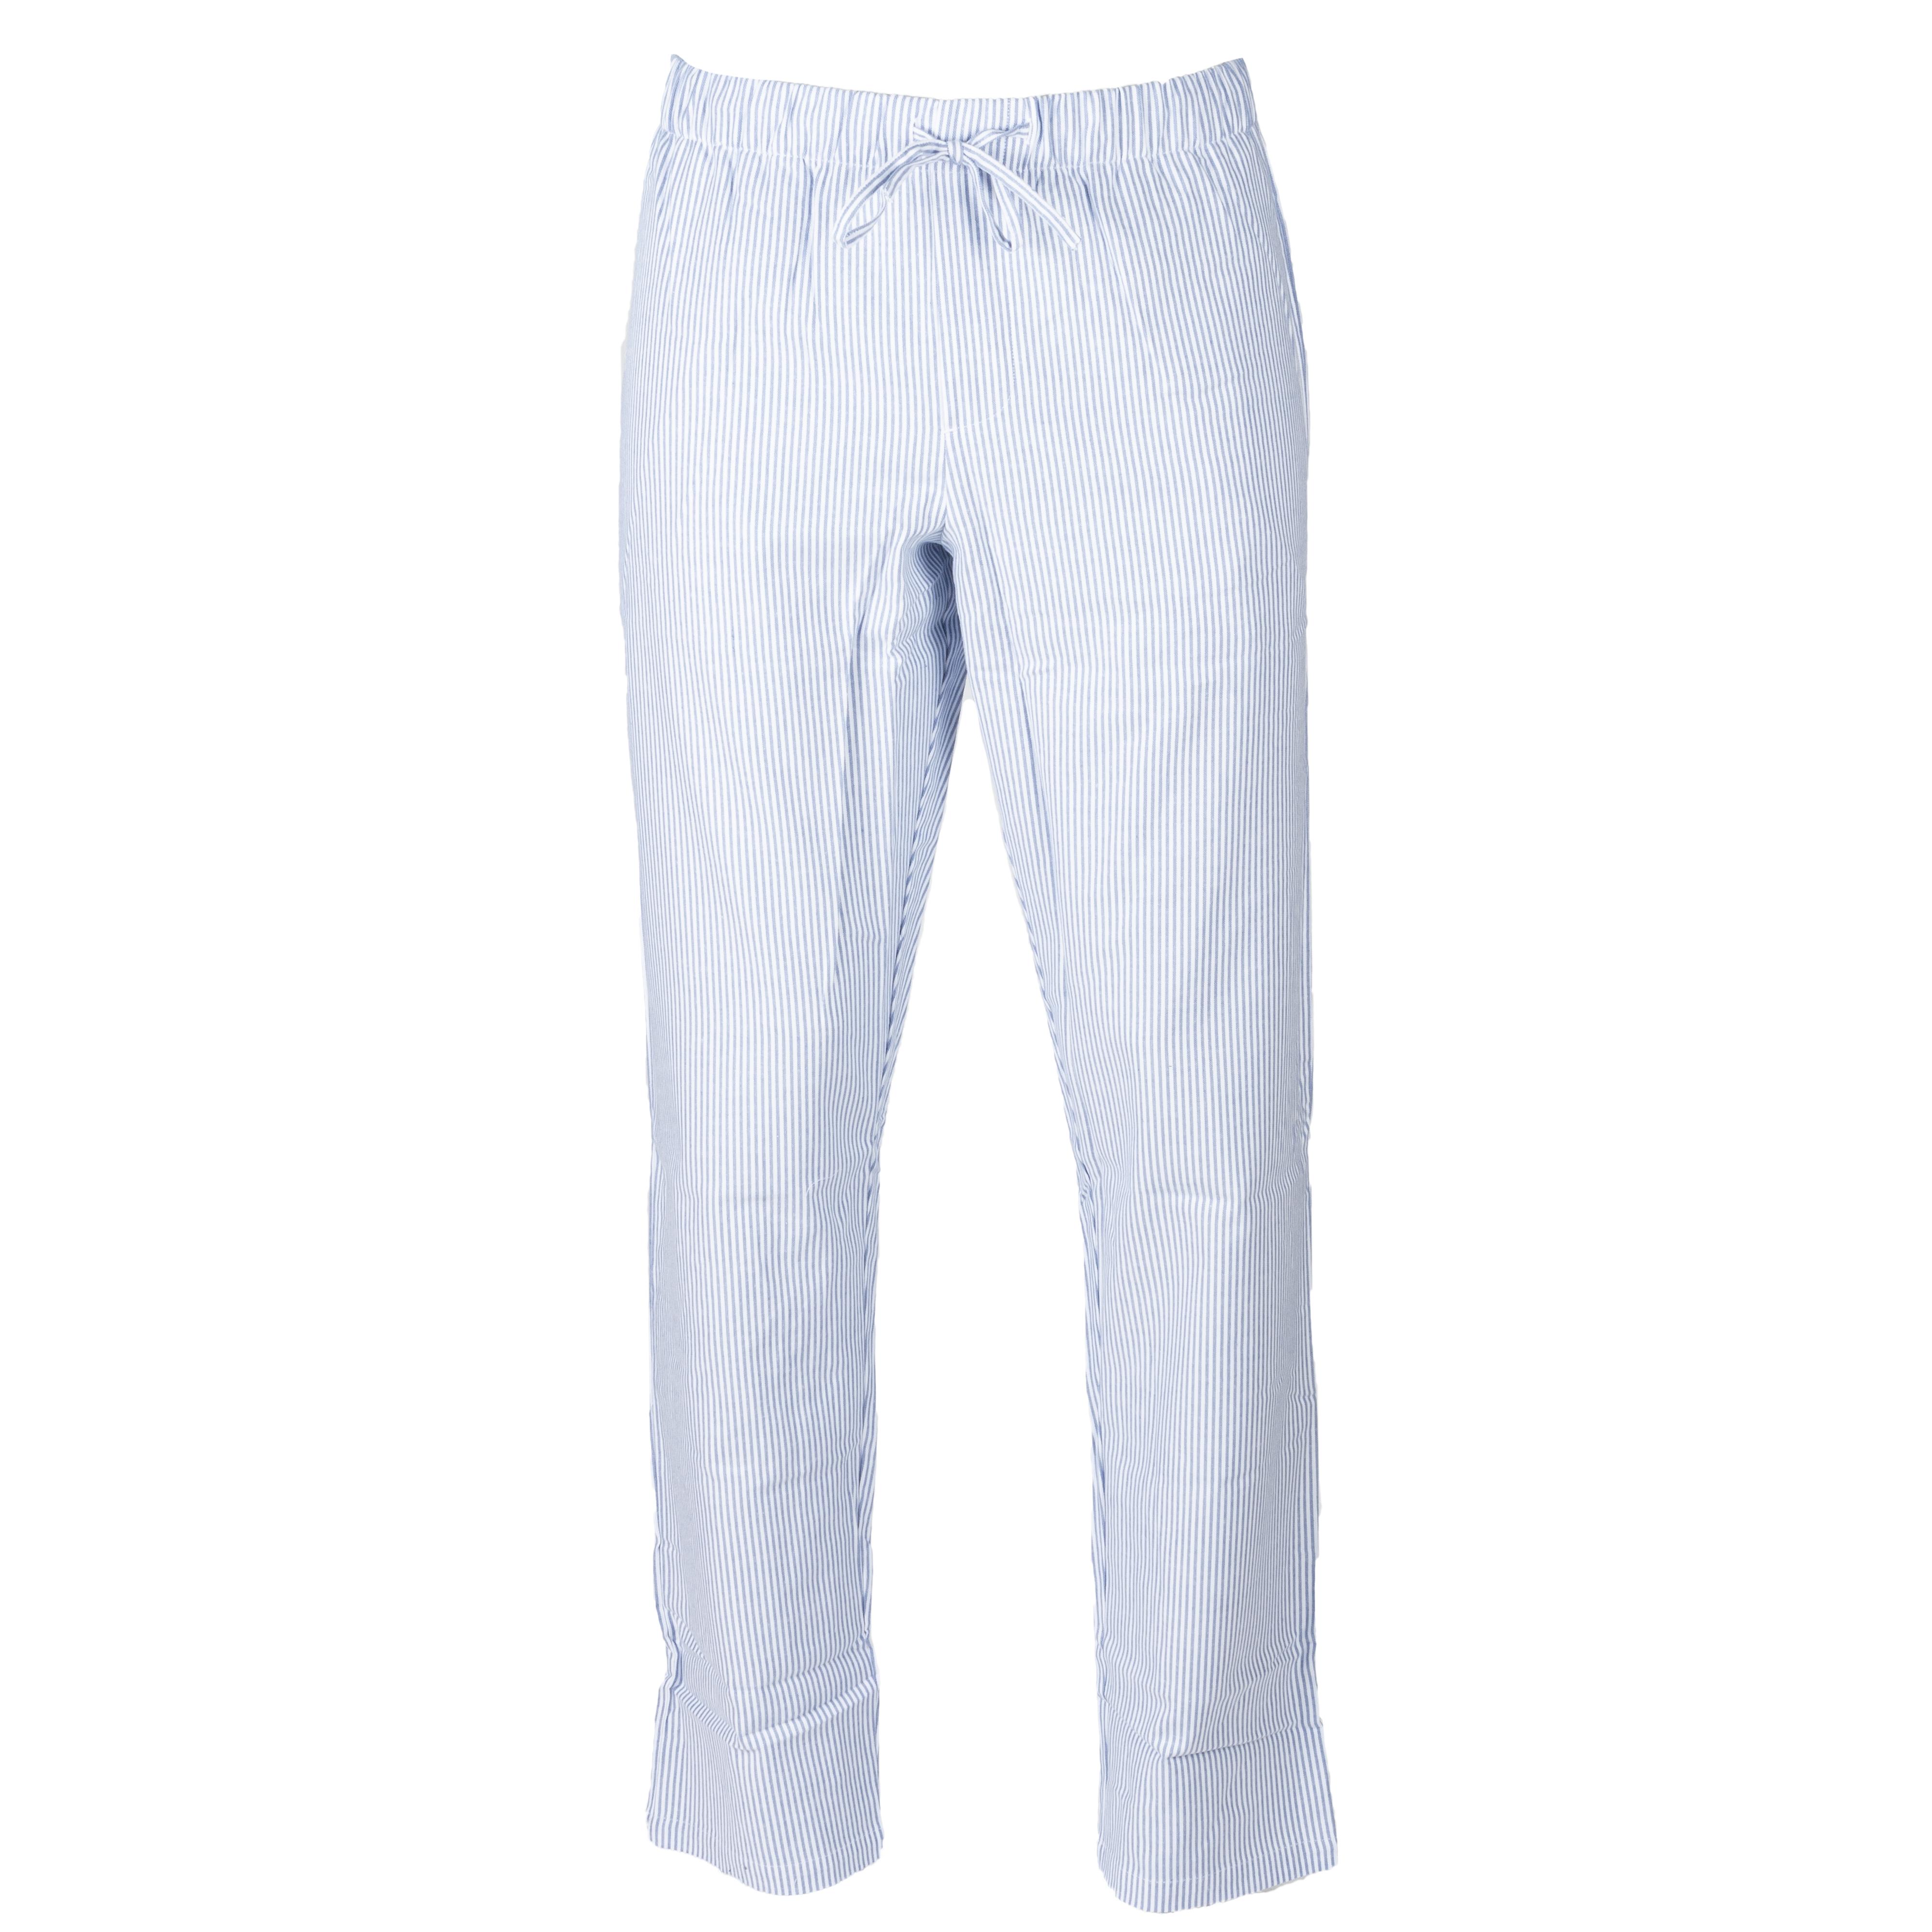 . - Coton (100%) - A rayures bleu marine et blanches